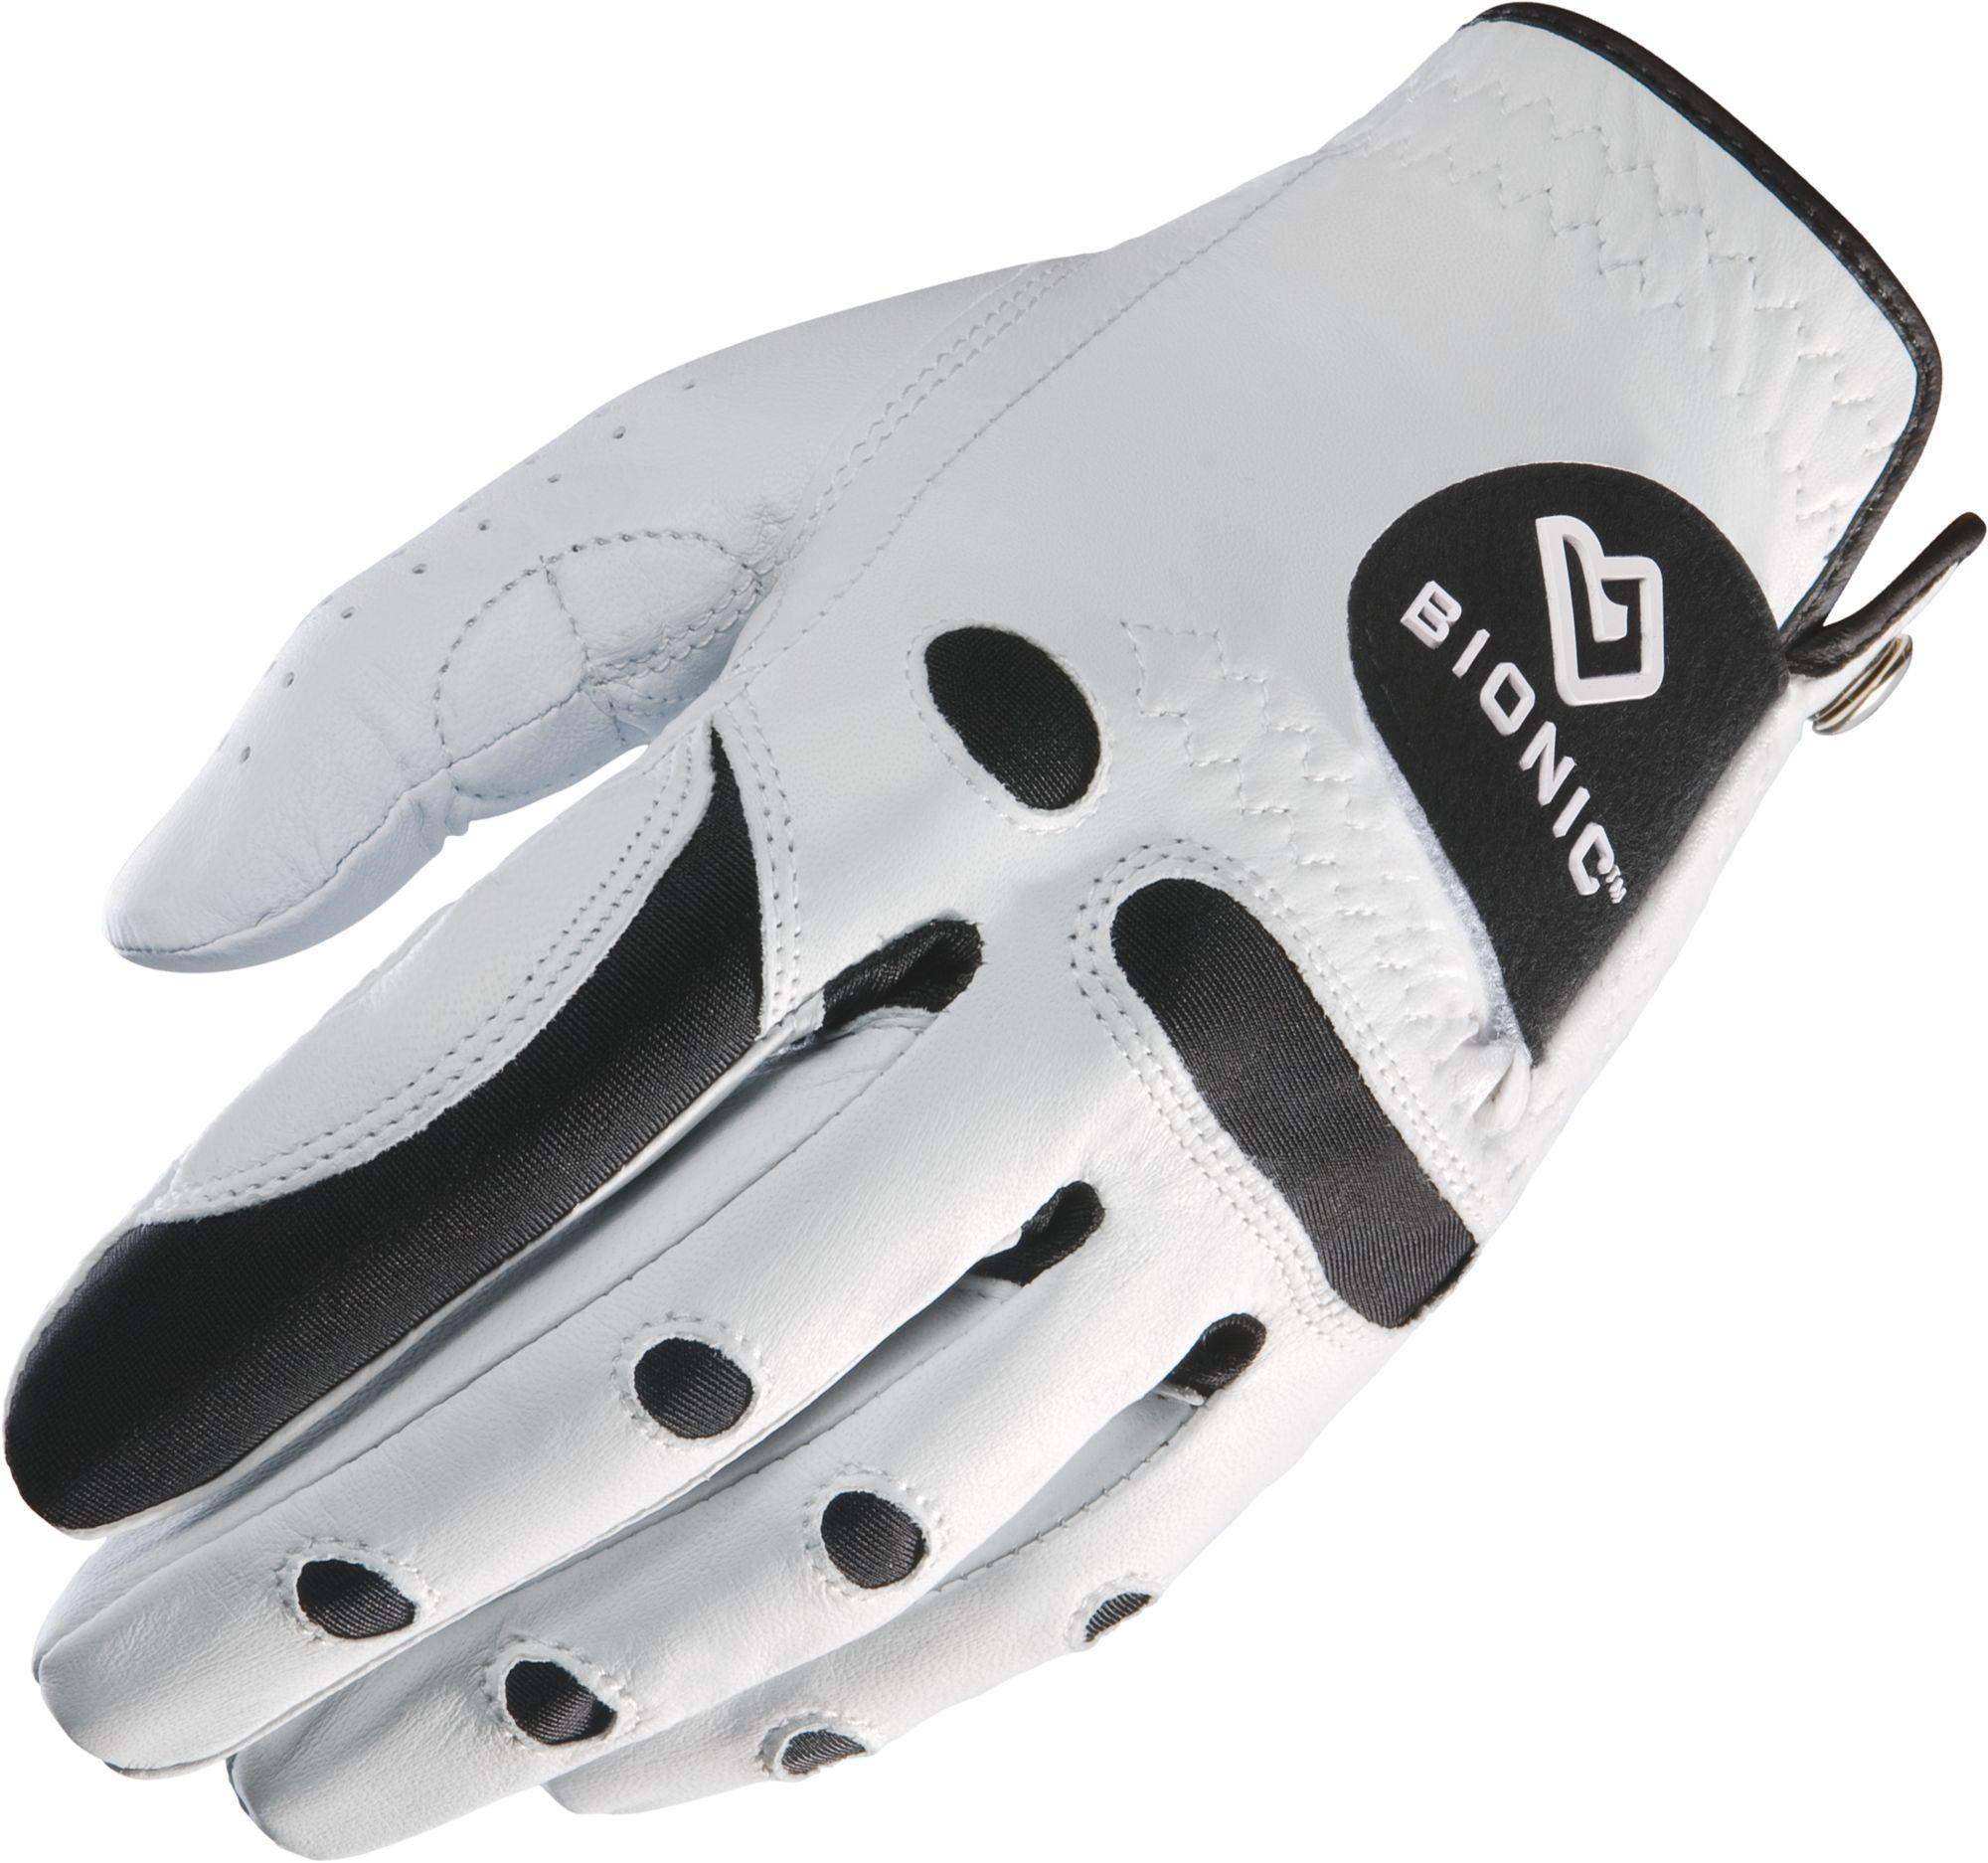 Black golf gloves - Noimagefound